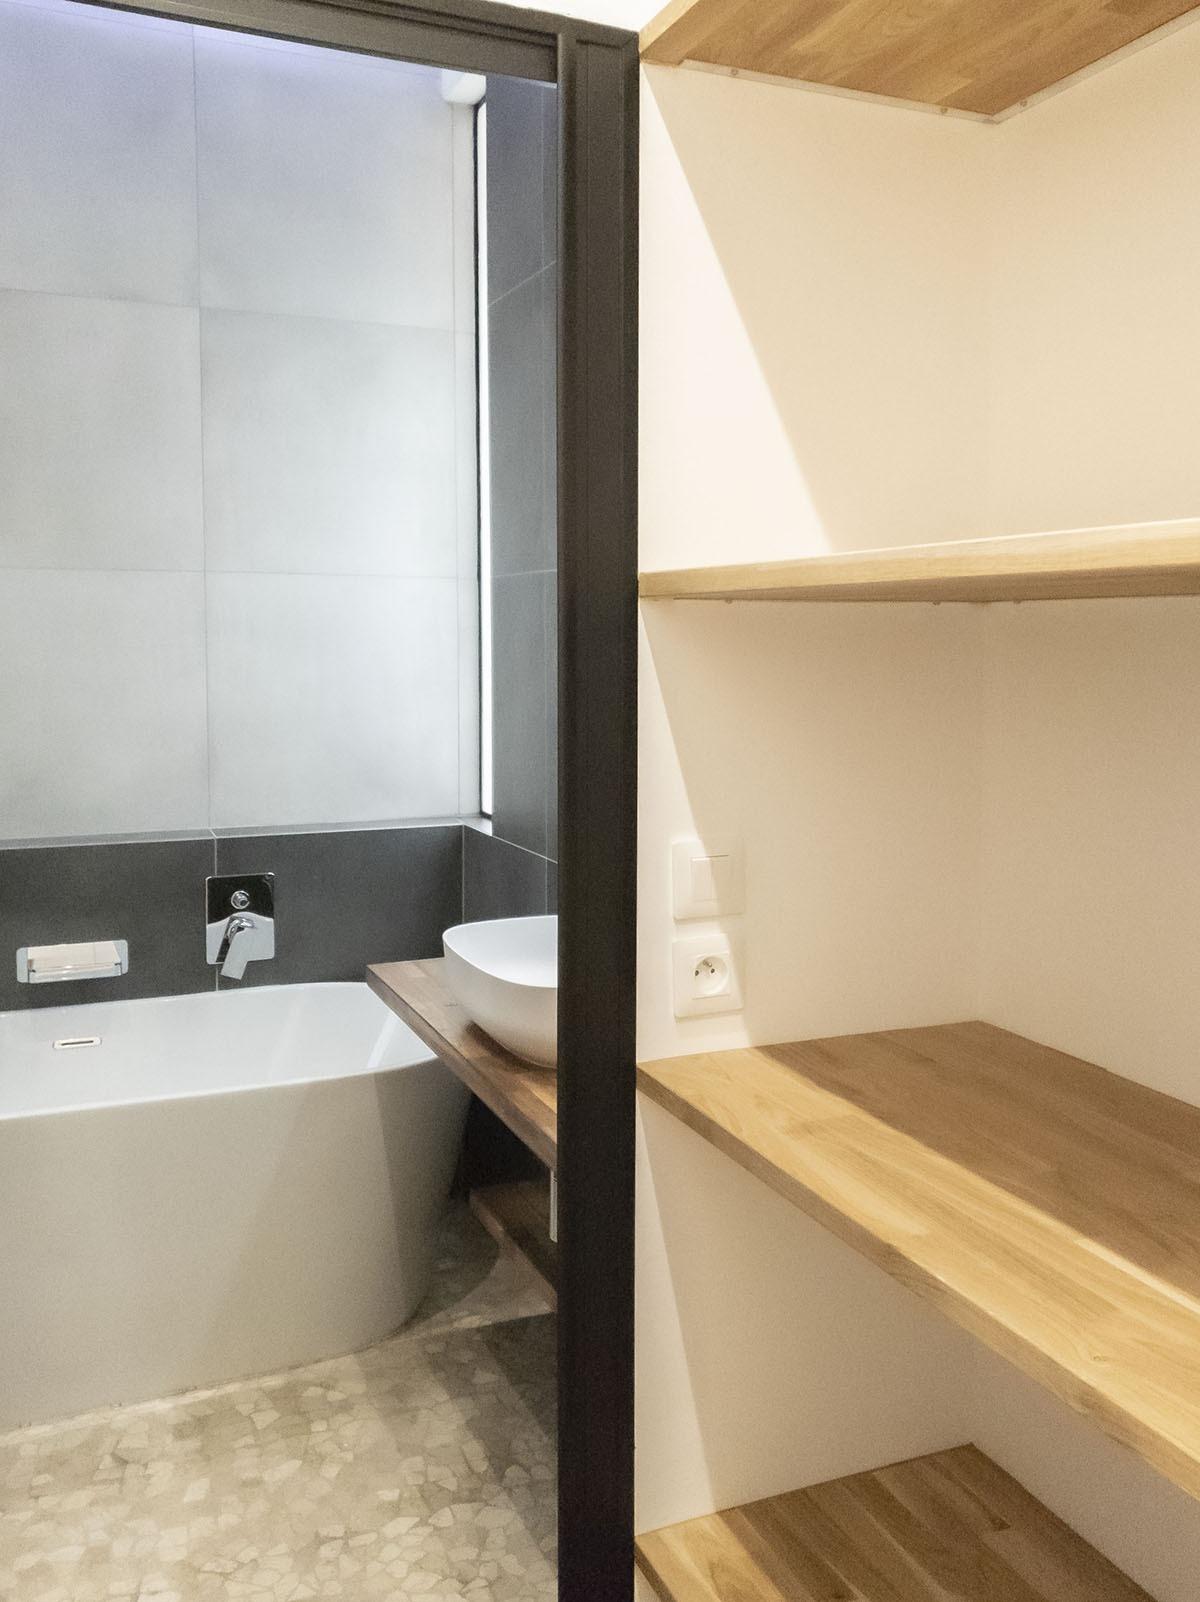 Salle de bain et étagères